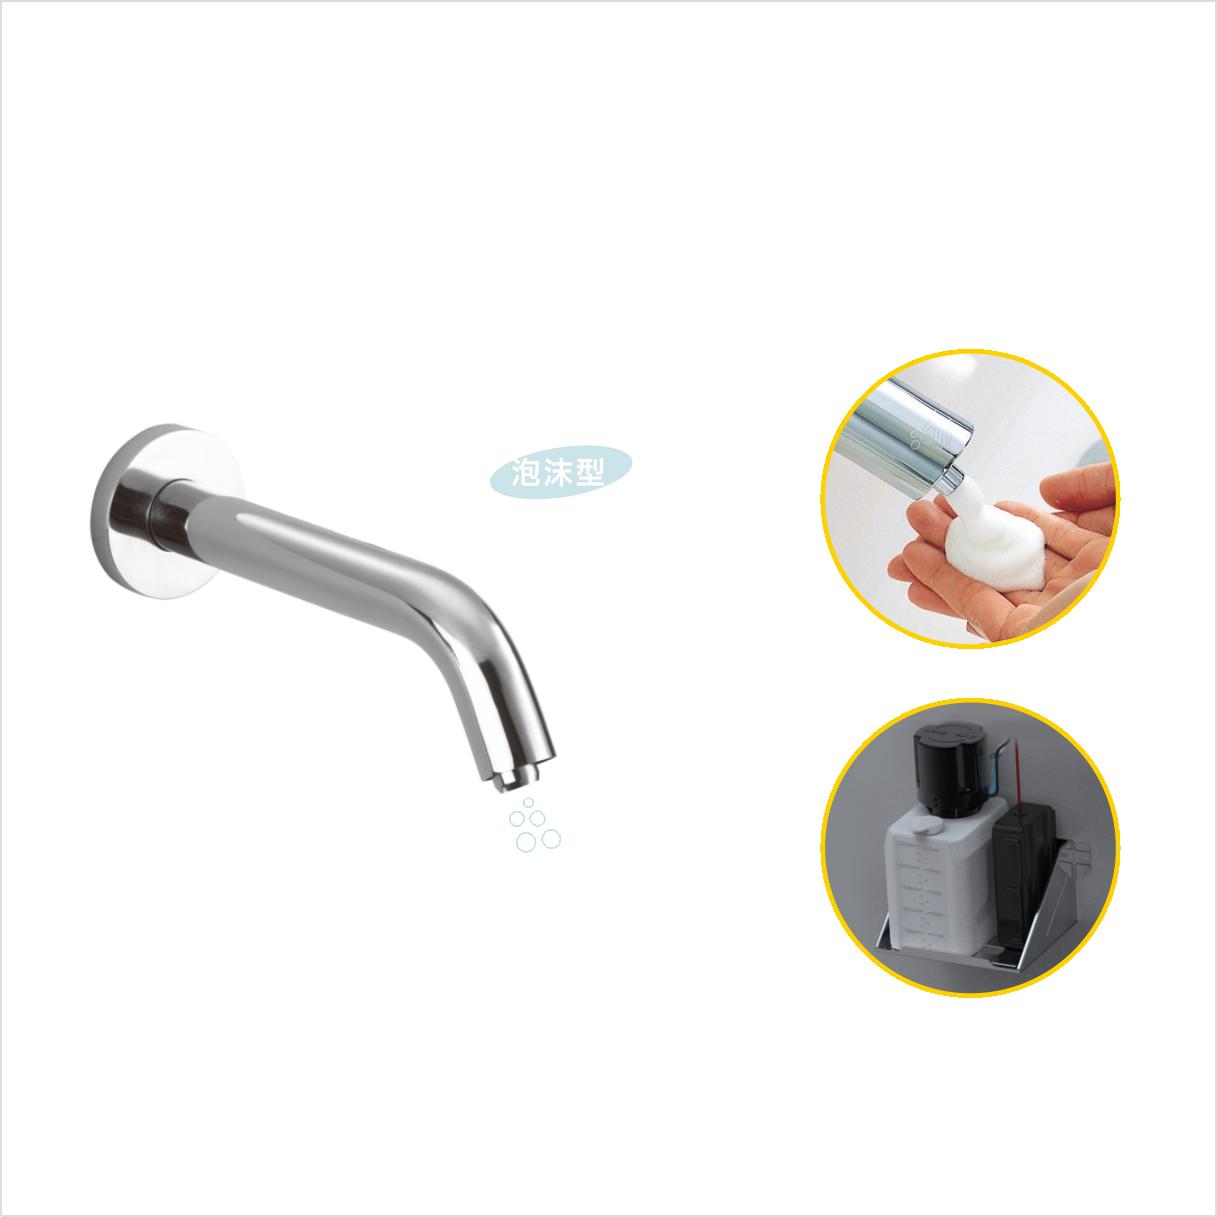 Sensor soap dispenser GBL-6632AD